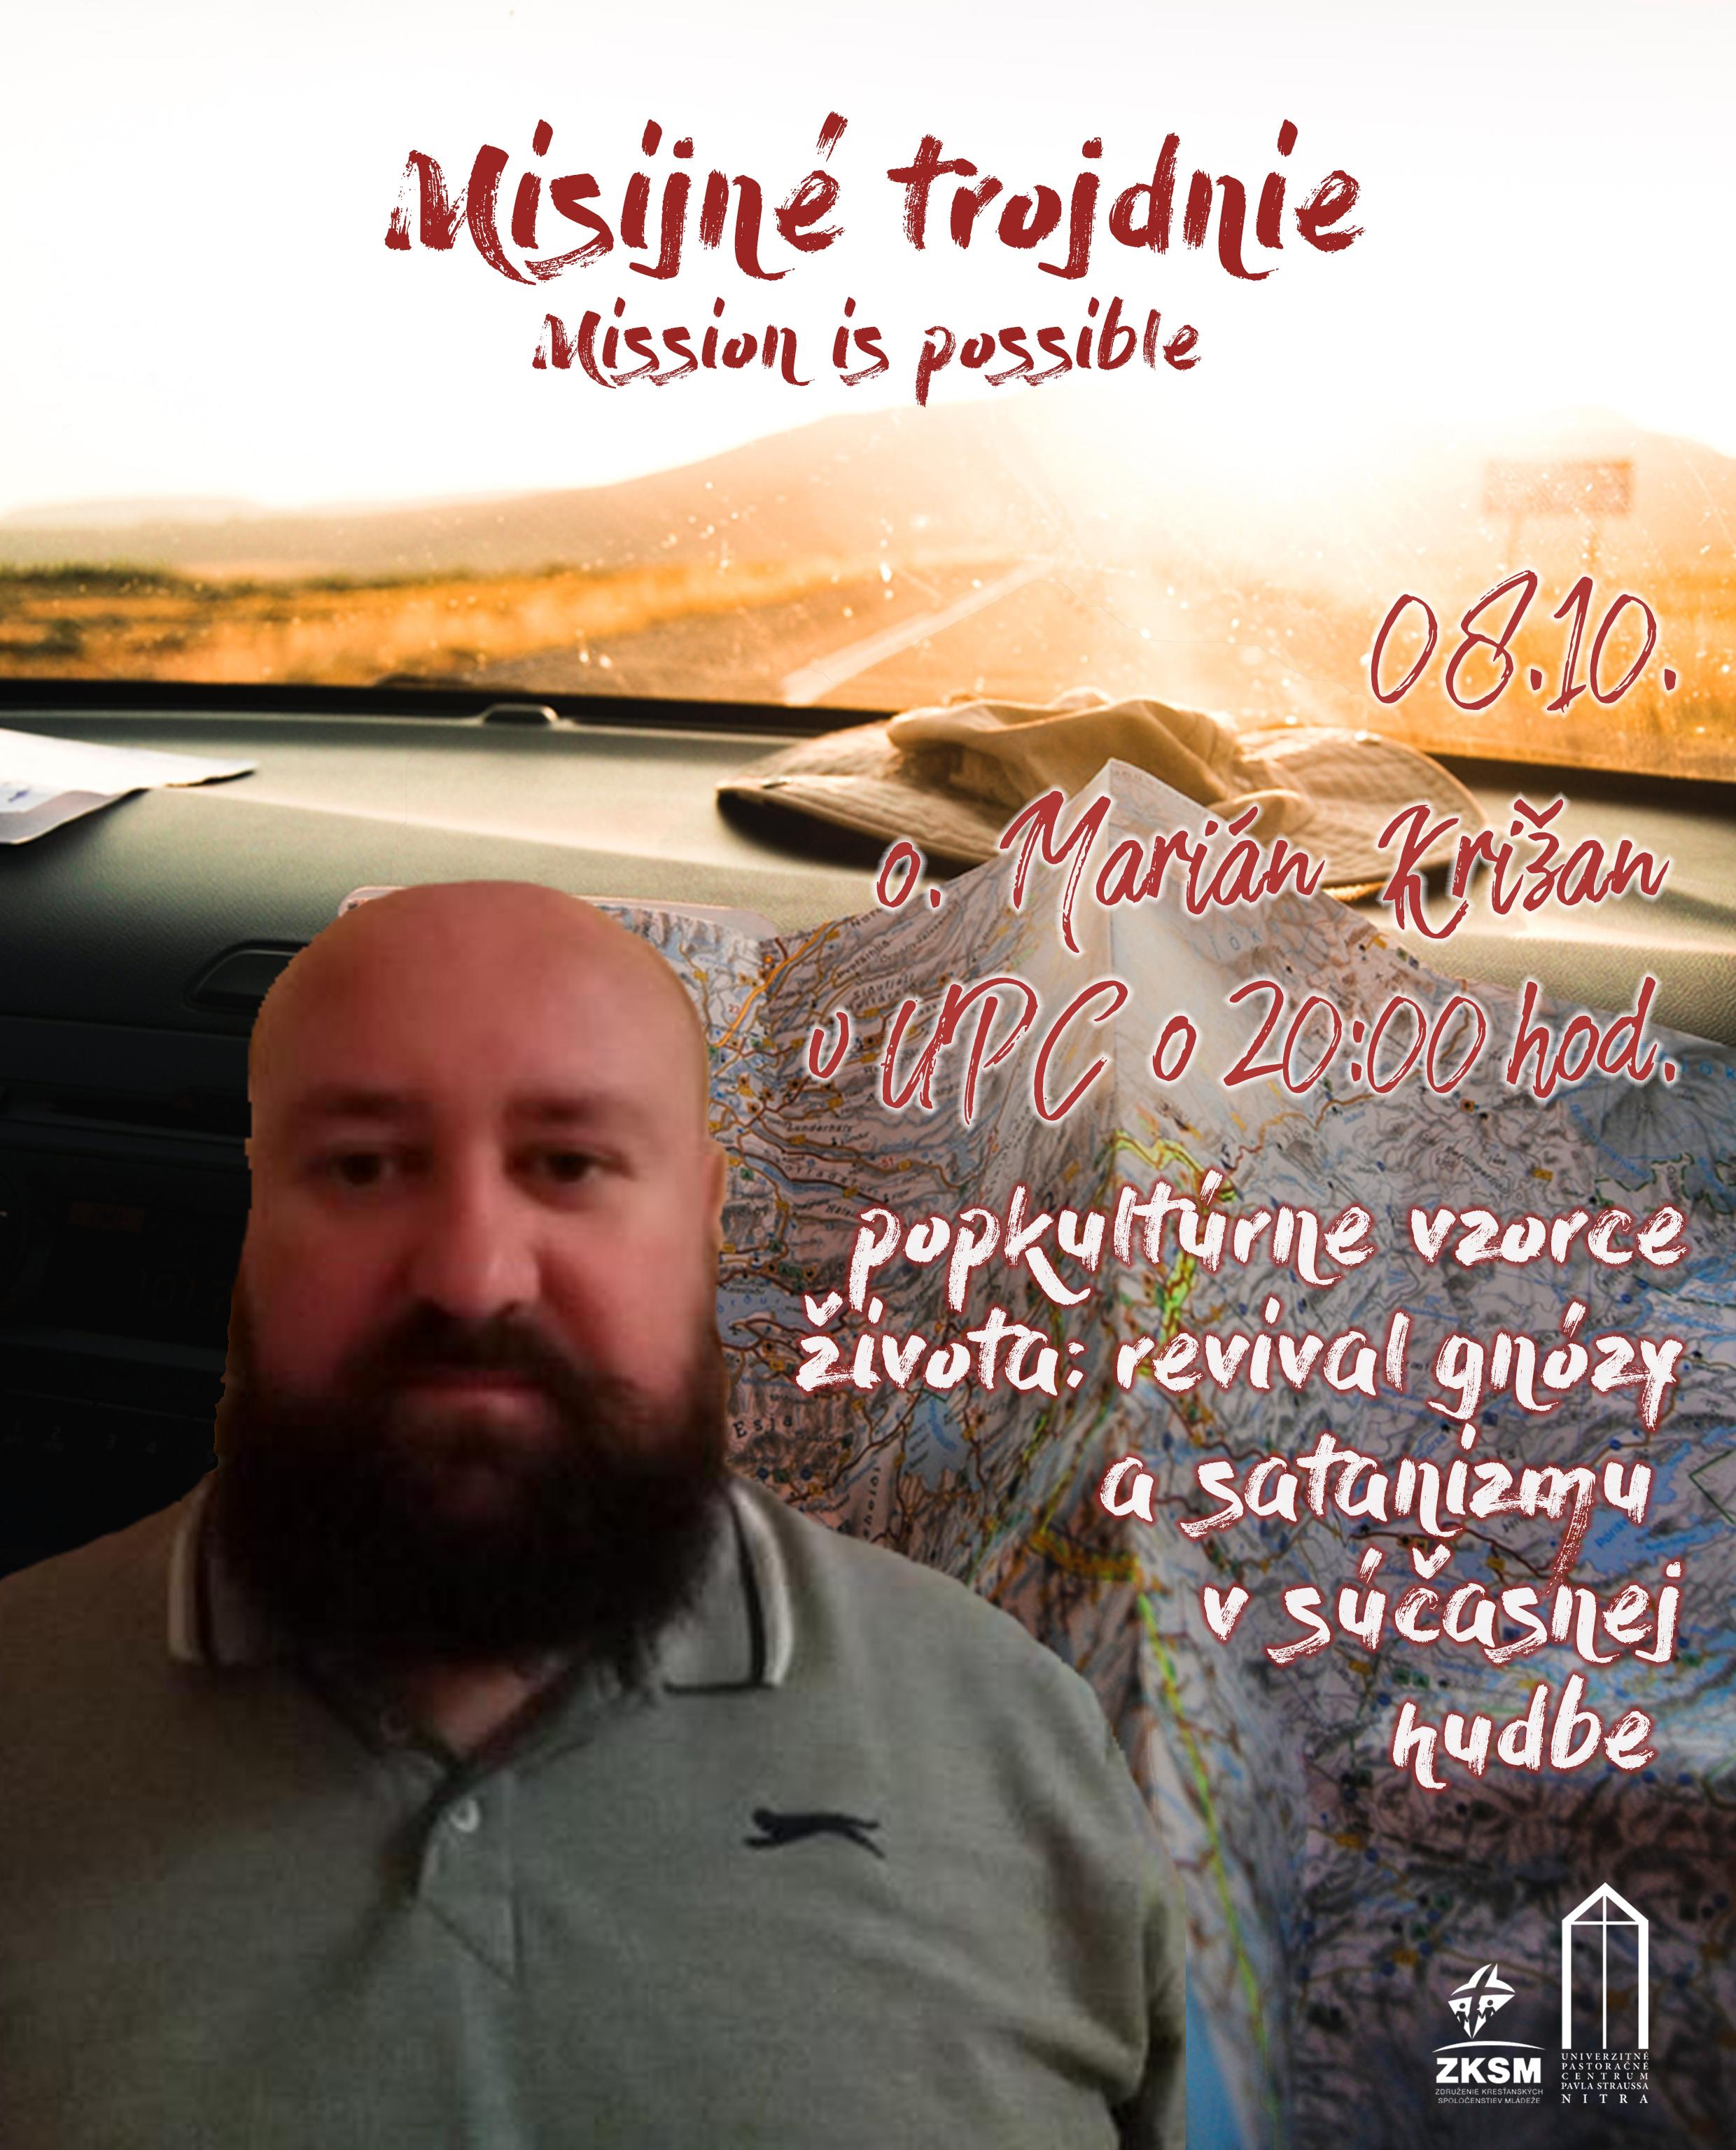 Misijné trojdnie 08.10.2018 s otcom Mariánom Križanom